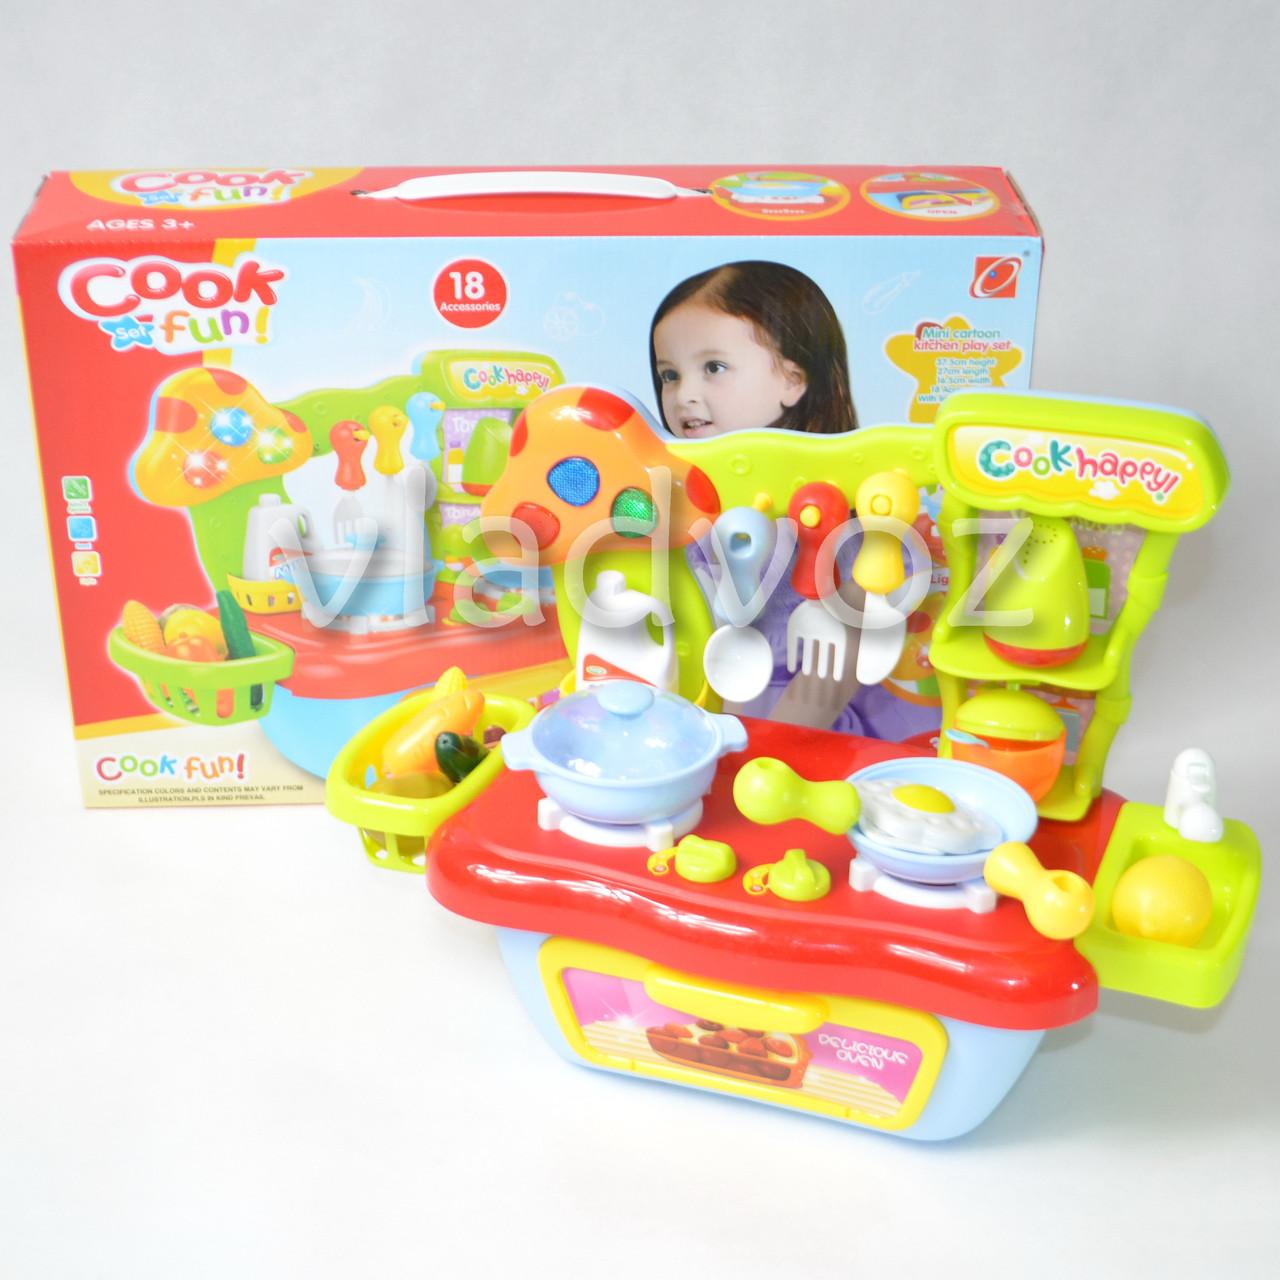 фото детская пластиковая кухня для девочки, плита 2 камфорки голубая Cook fun mini